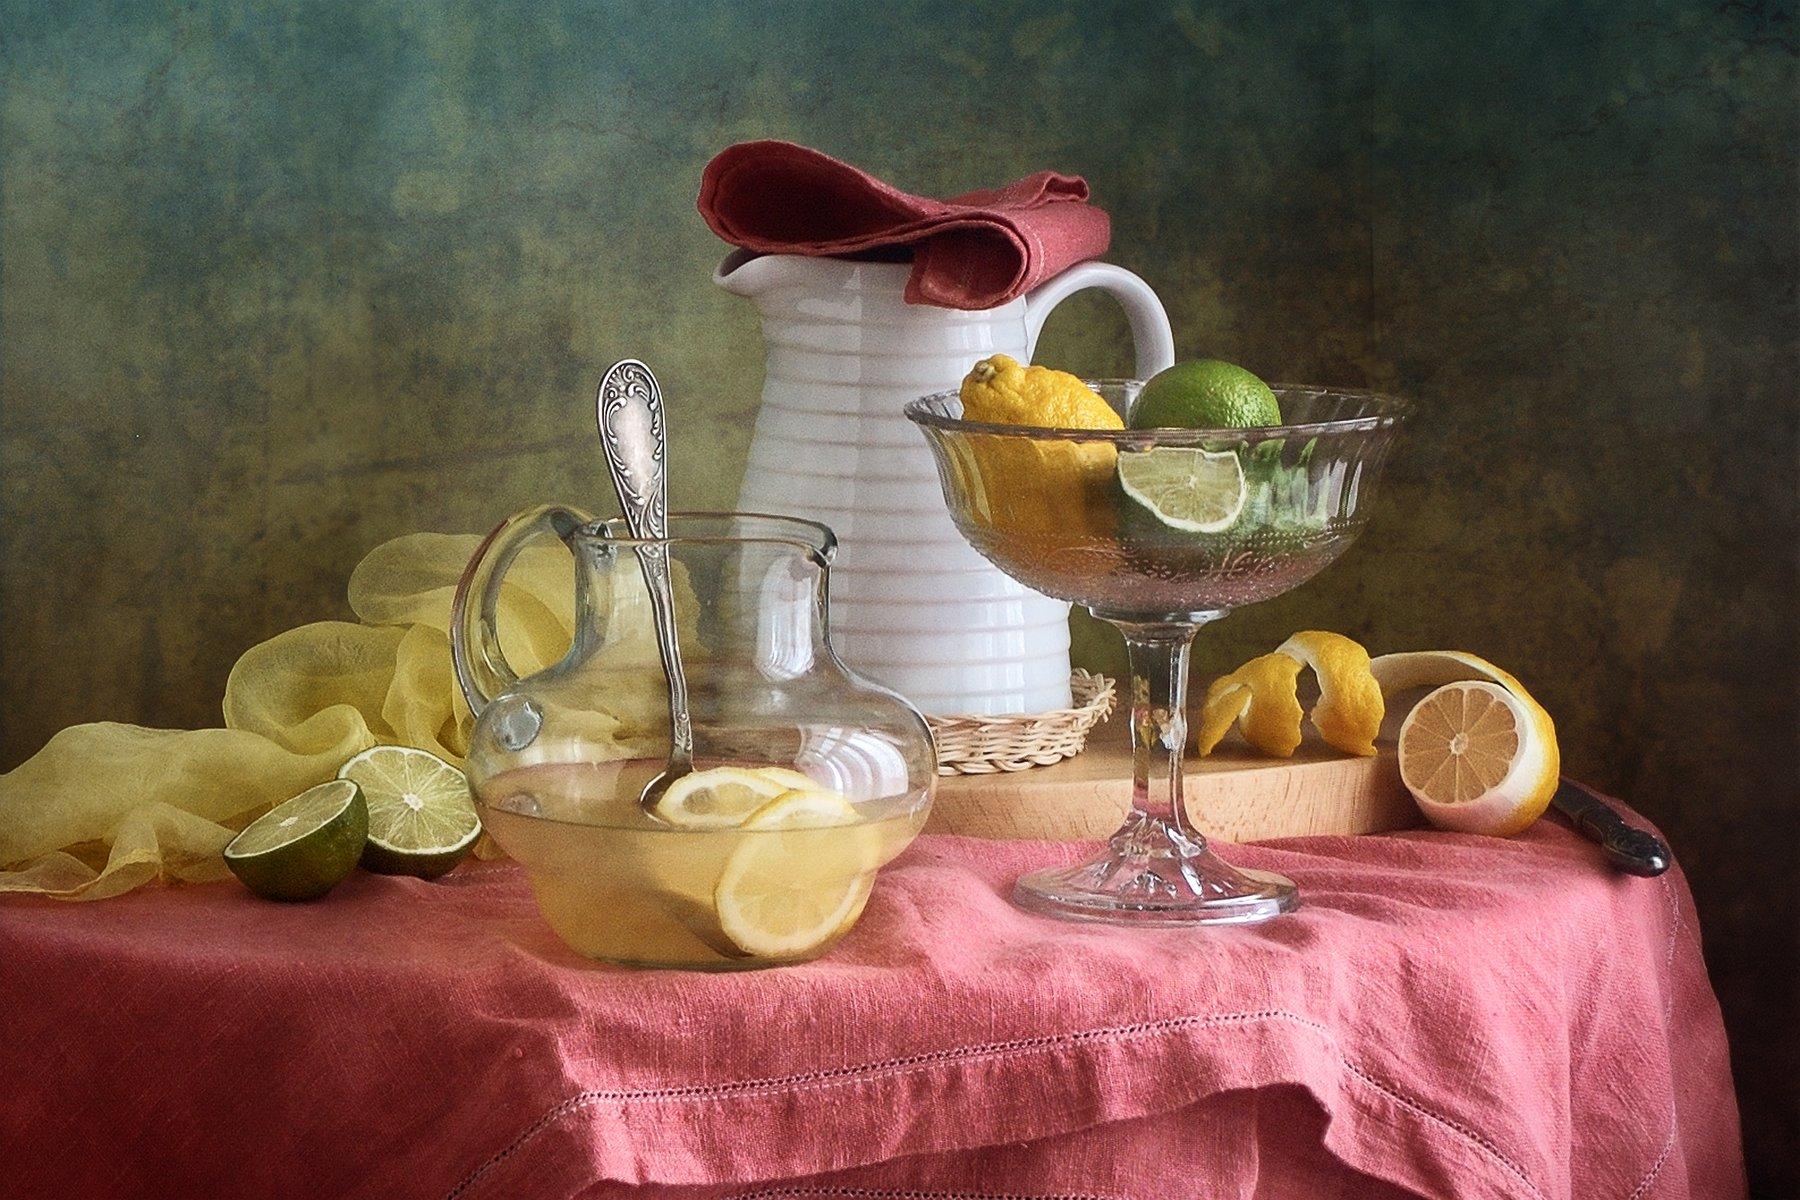 Фруктовый, натюрморт, желтымый, зеленый, цитрусовый, лимон, стеклянный, ваза, белый, кувшин, розовый, скатерть, кухня, Николай Панов